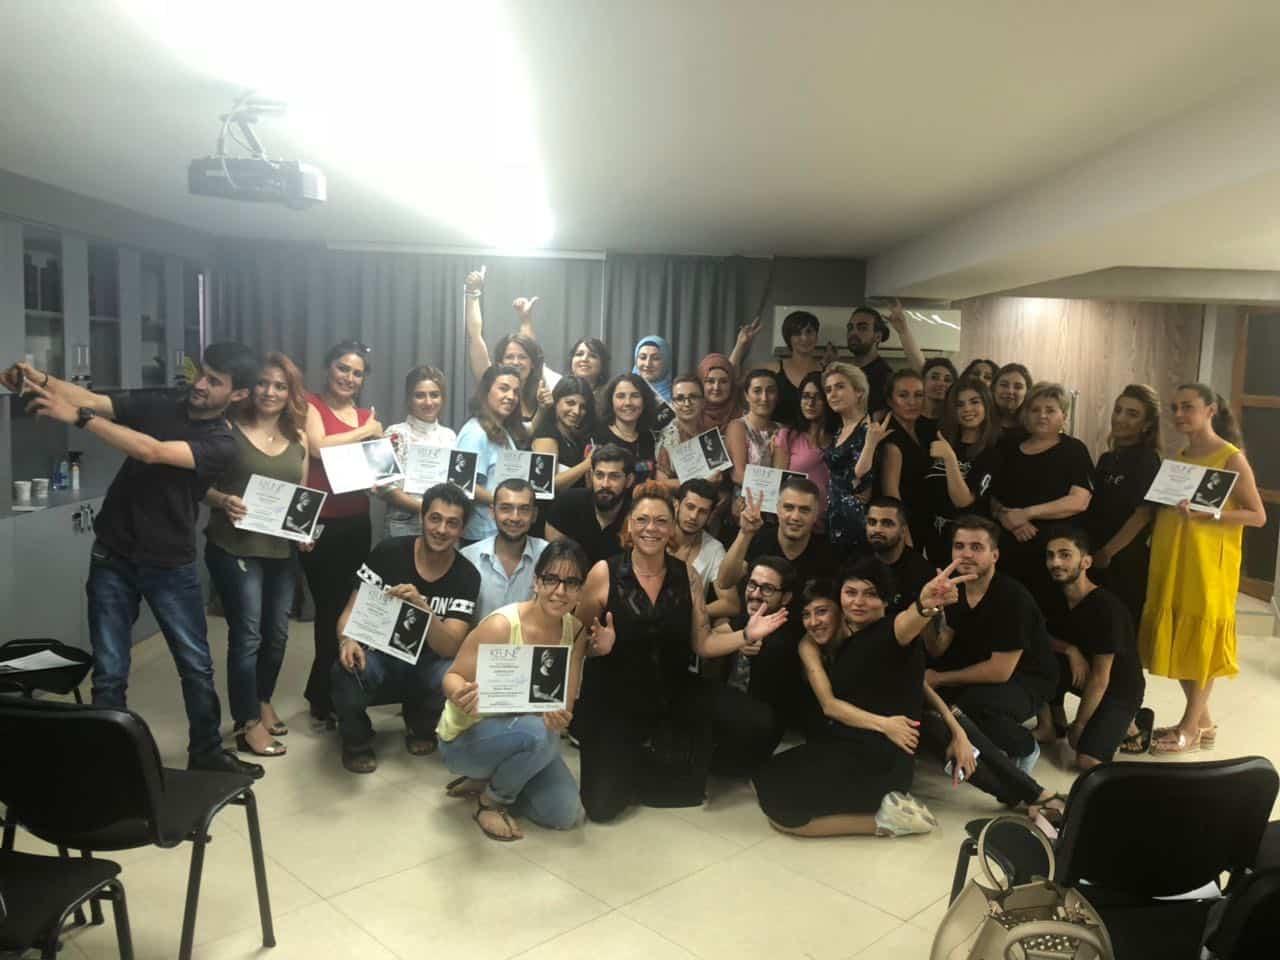 Morella Hair Center Baku Azerbaiyan julio18 6